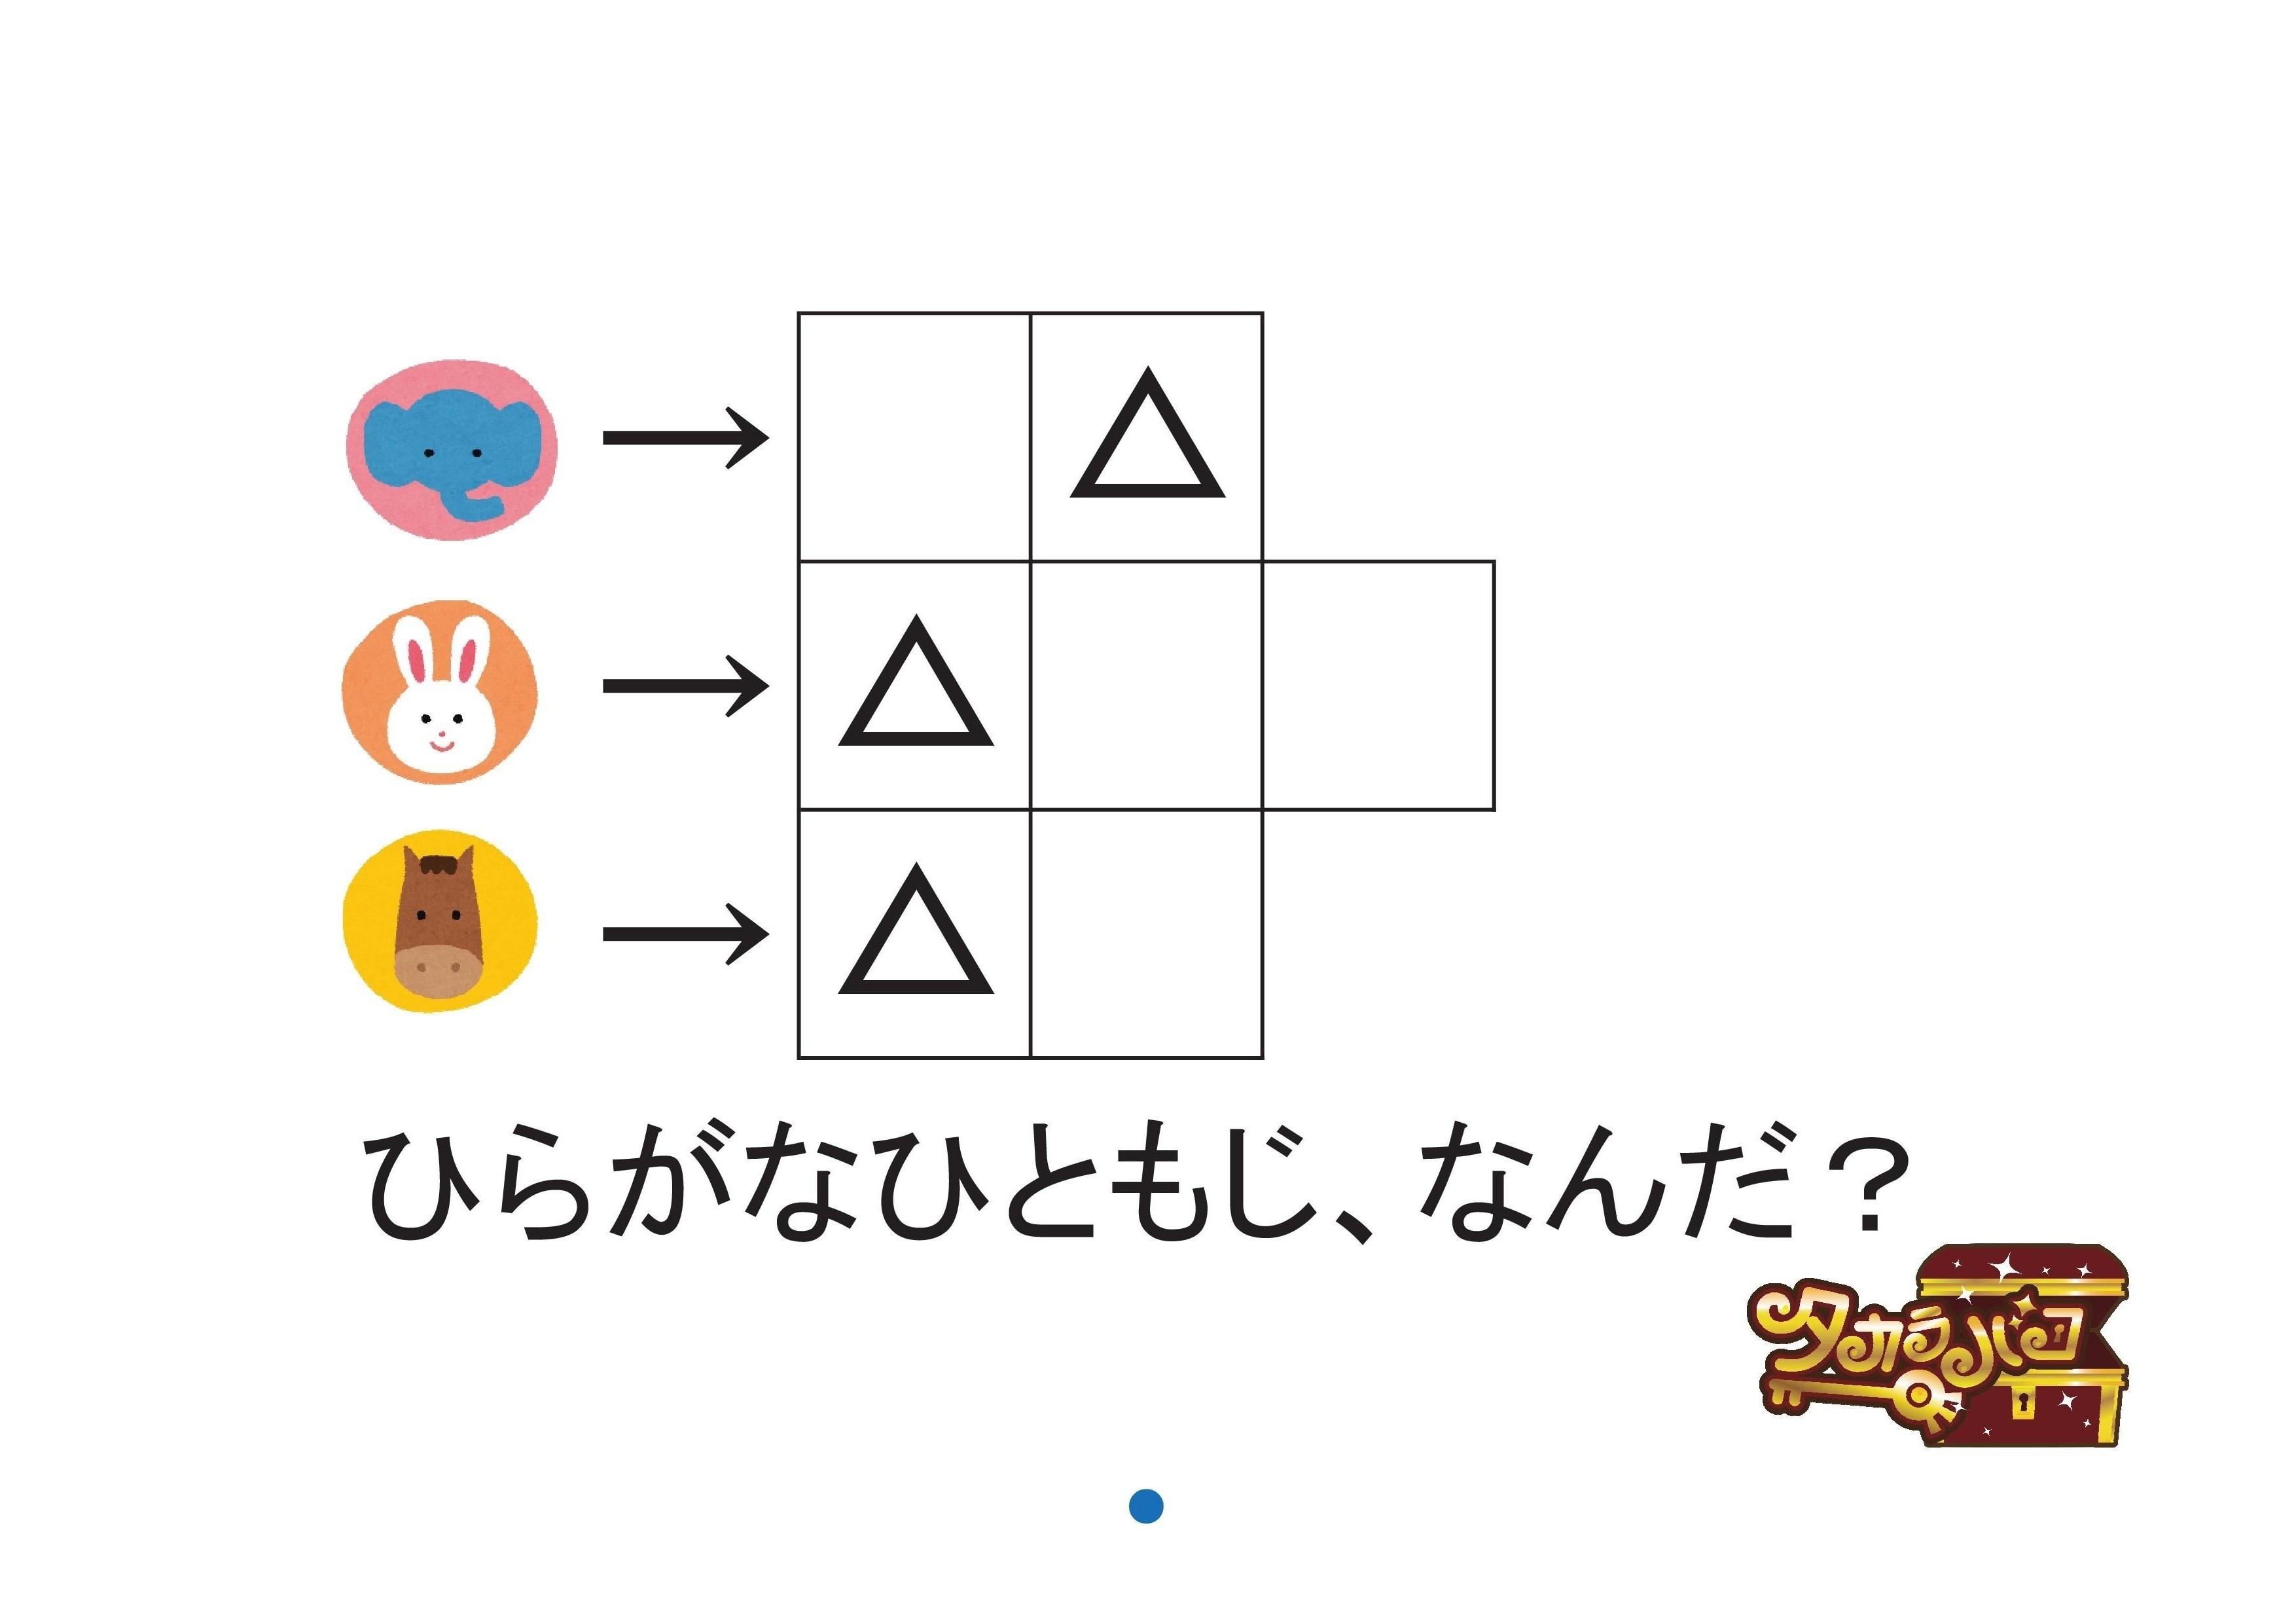 おみや003-003